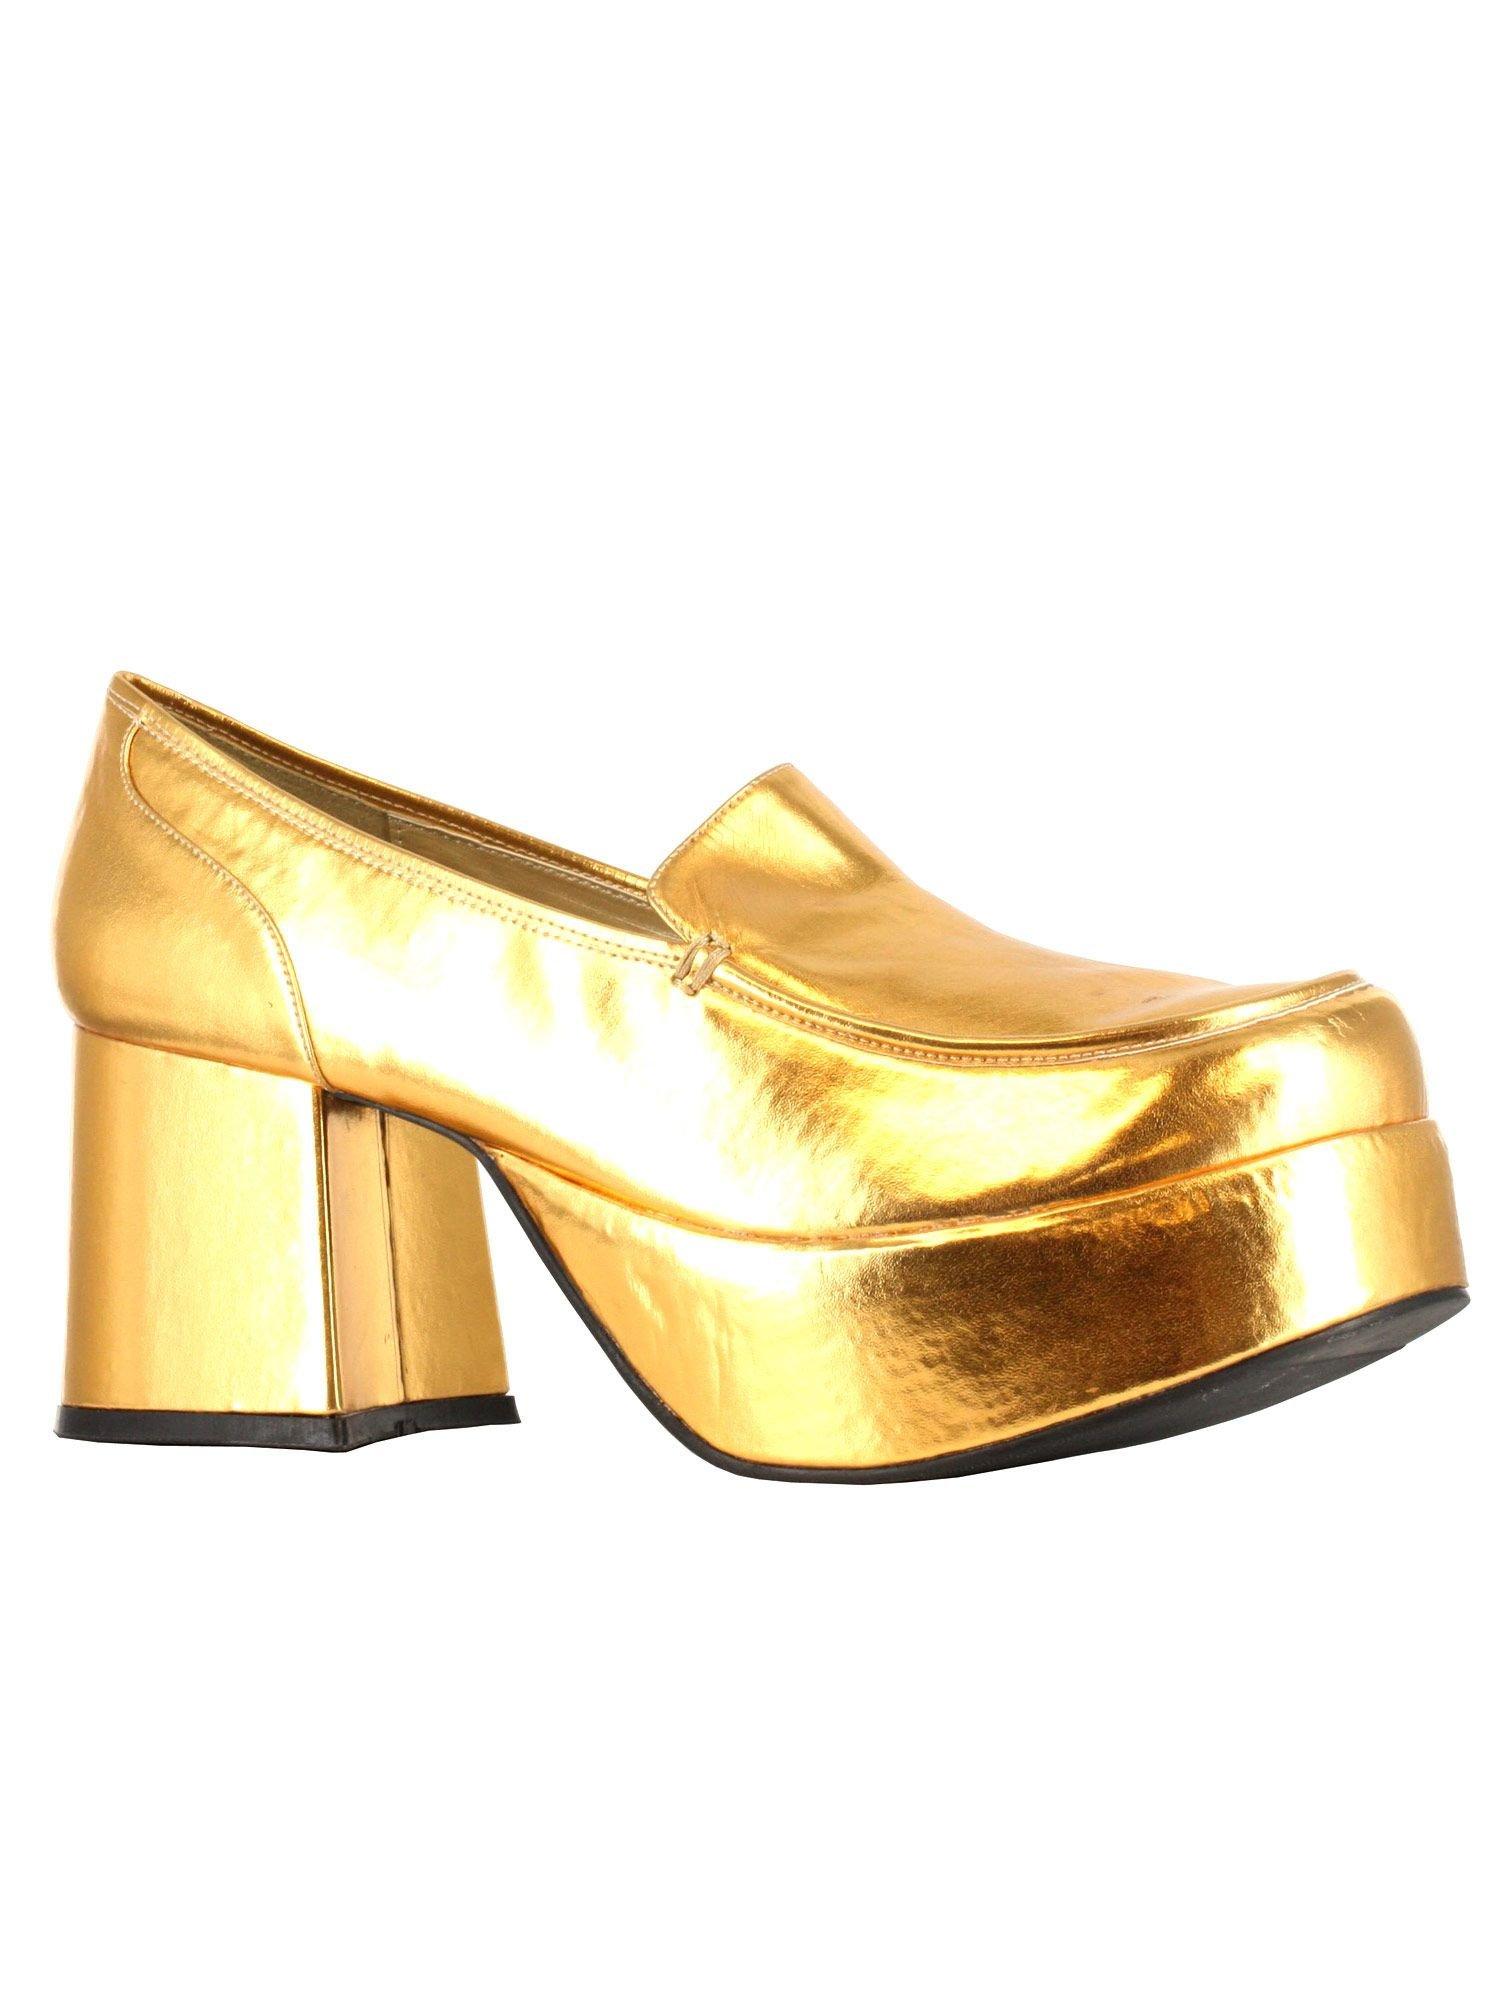 Ellie Shoes Men's 3'' Heel Pimp Shoe. Mens. S GLD